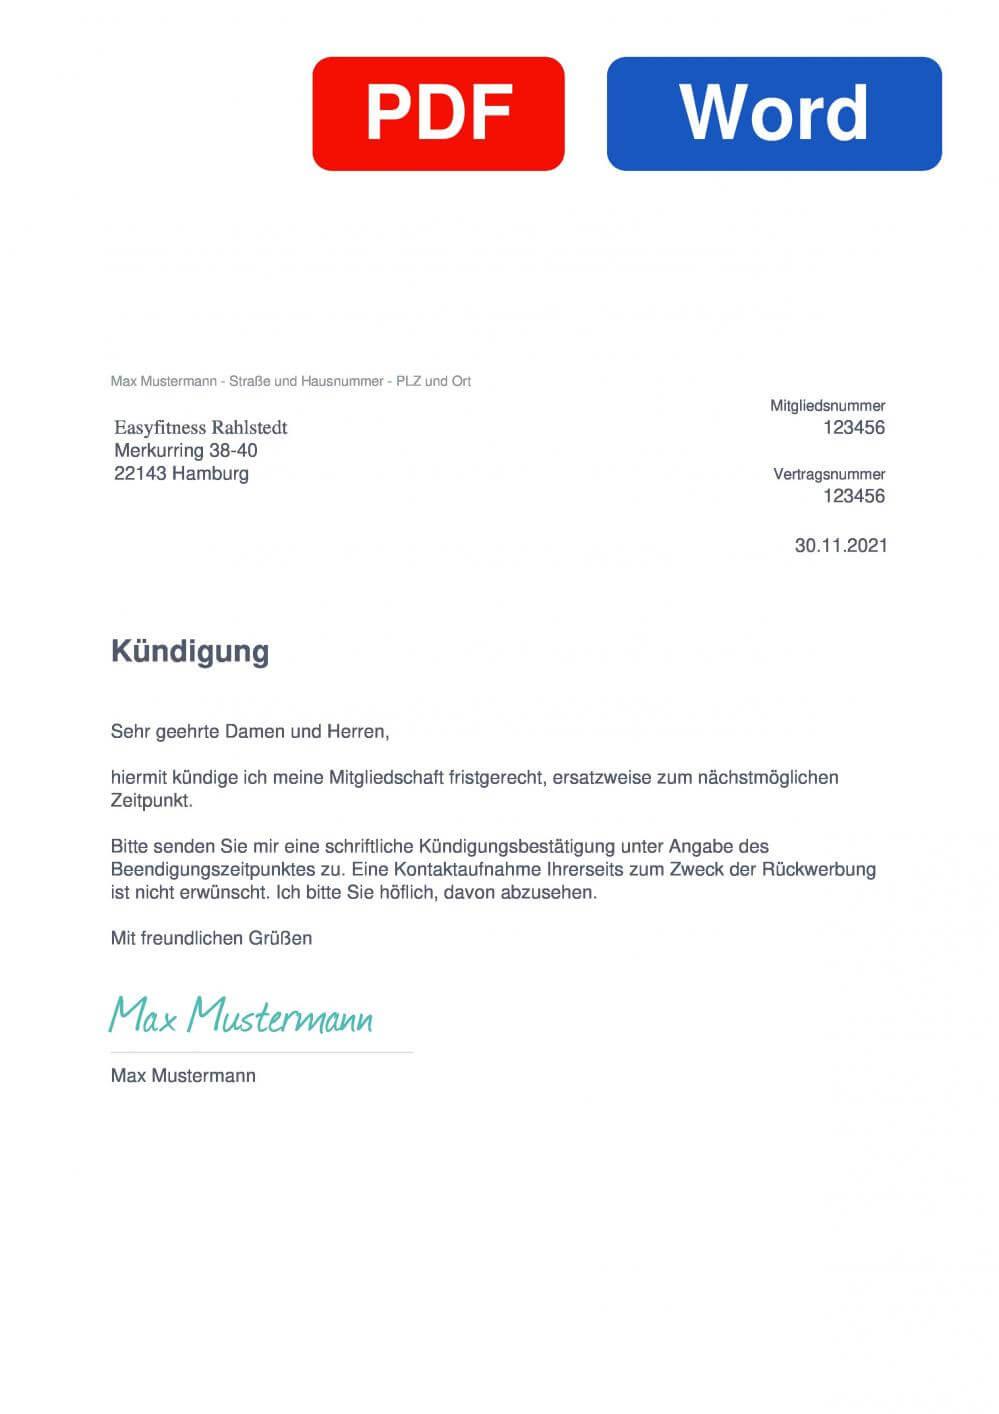 EASYFITNESS Rahlstedt Muster Vorlage für Kündigungsschreiben